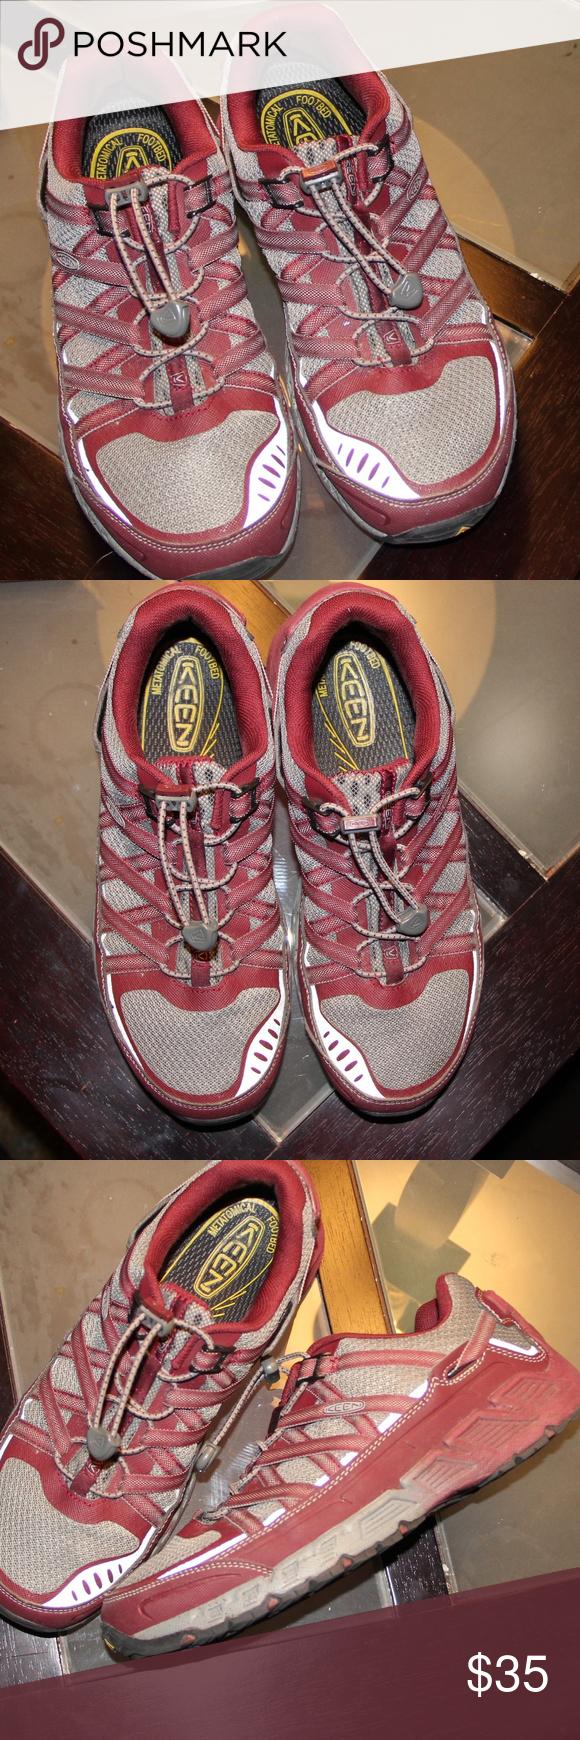 Keen Walmea Men Hiking Shoes. Walking Shoes Sz 10 | Best hiking shoes, Hiking  shoes, Stylish shoes